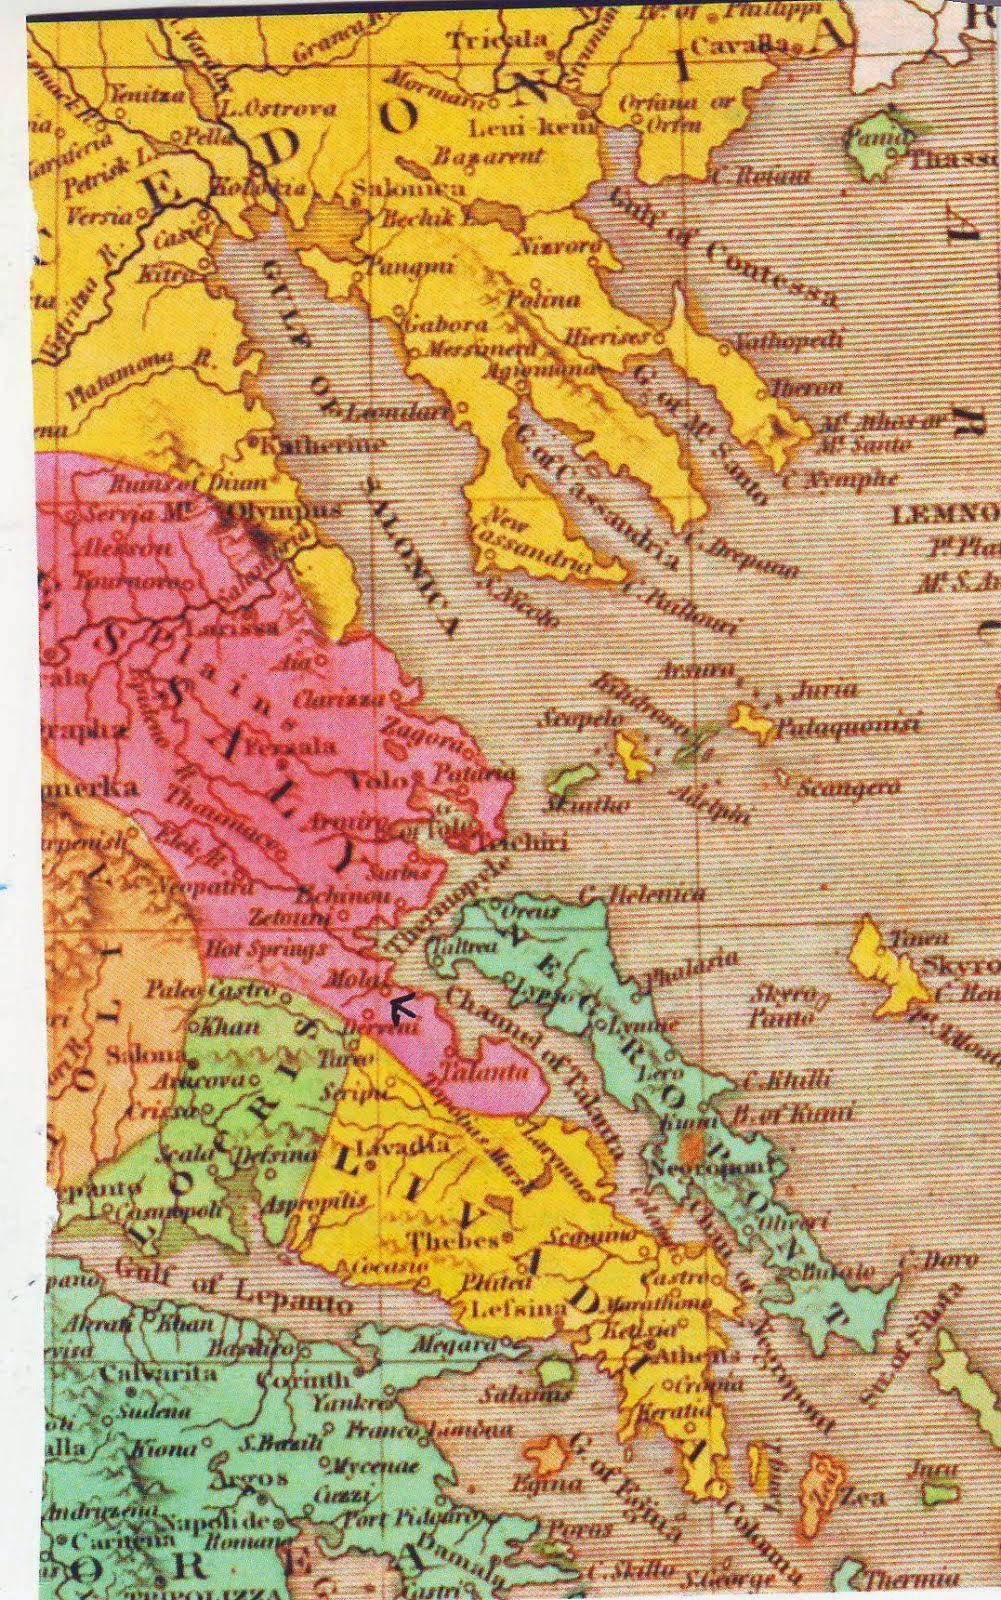 Χάρτης του 1826 Αγγλου περιηγητη Jiseph Perkins με τον Μώλο να ανήκει στην περιφέρεια Θεσσαλίας